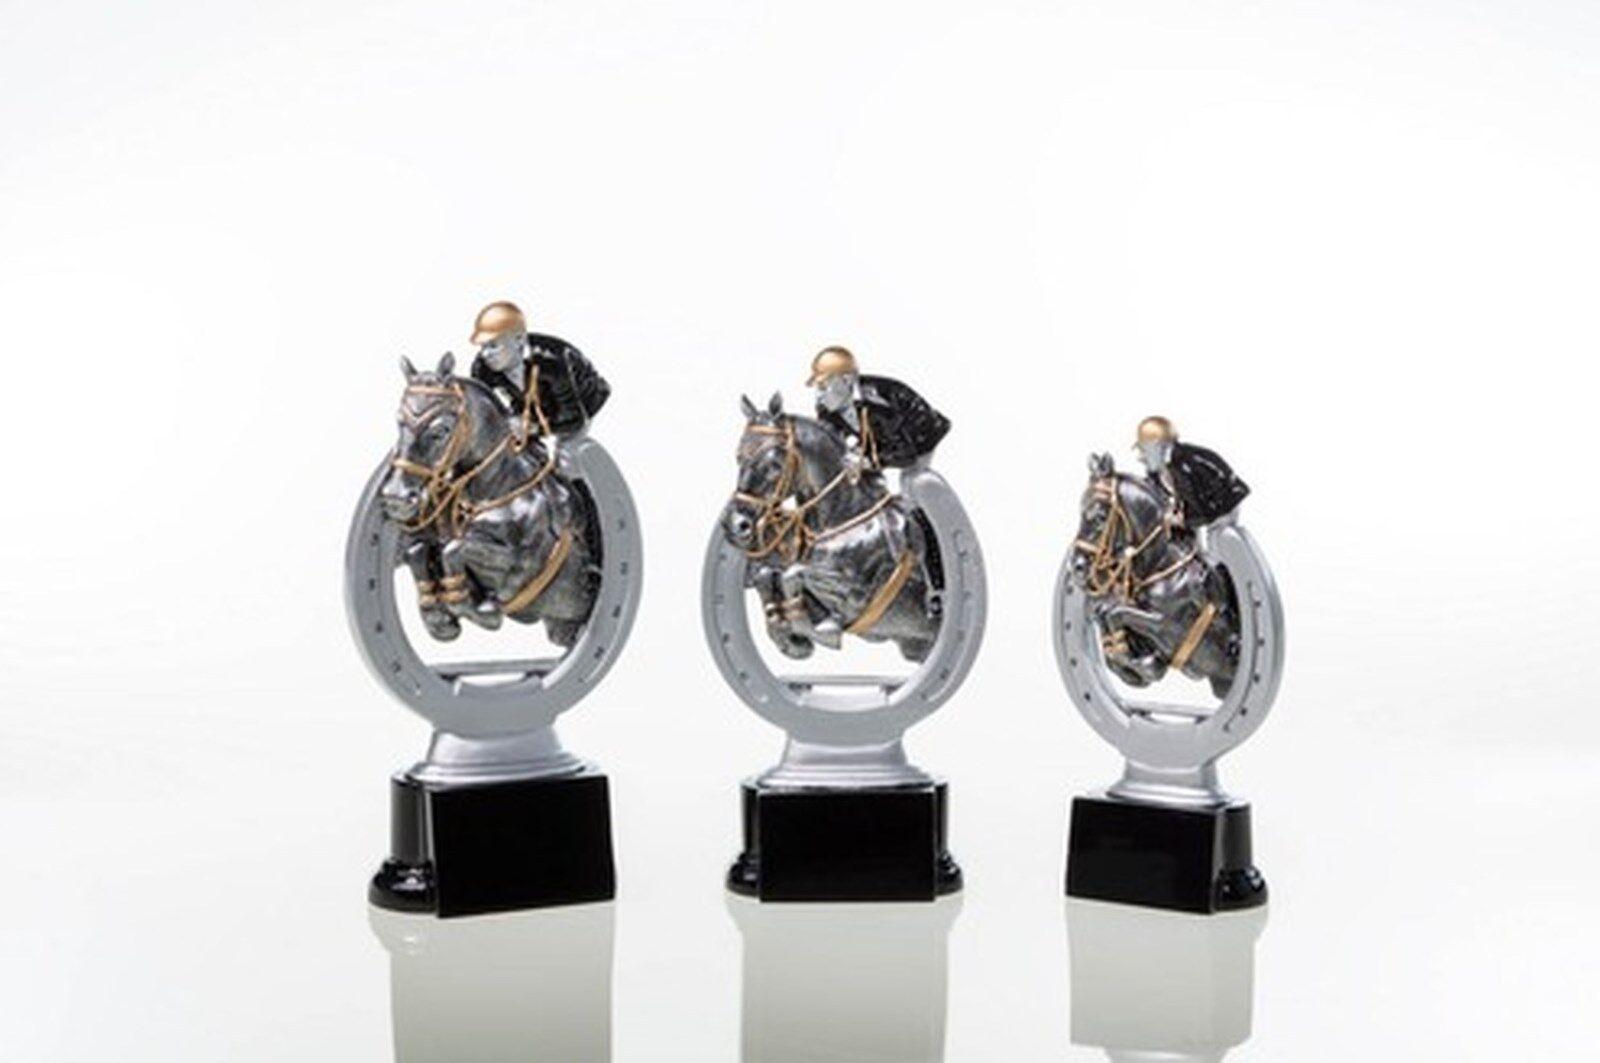 6 Figuren Figuren Figuren Reiten   Schach 3er Serie aus Resin mit Gravur (Reitsport Pferd Pokal) 5fff1f